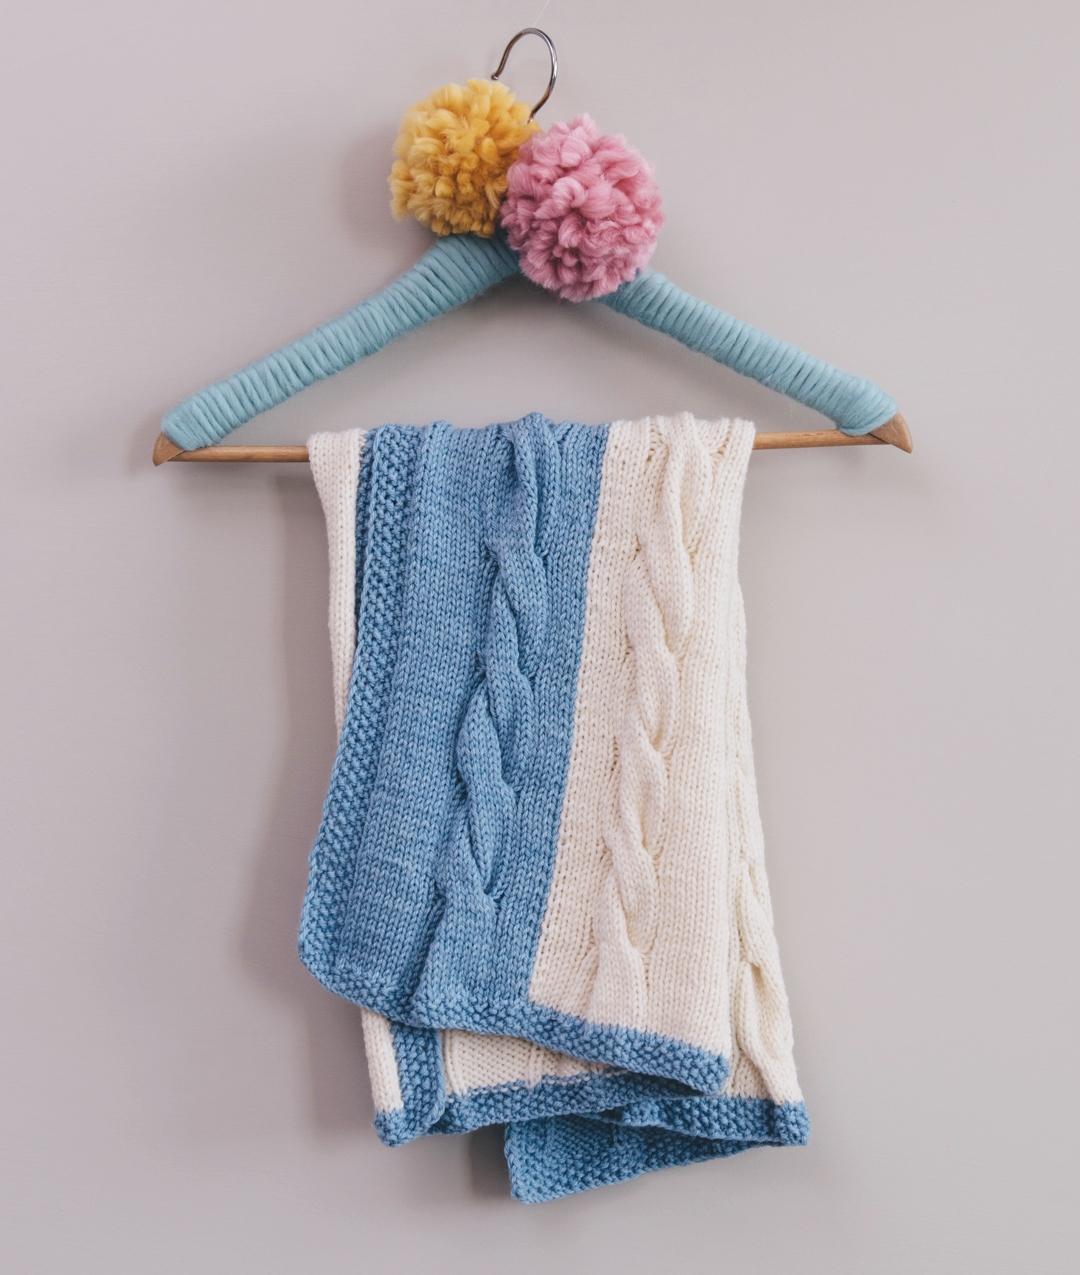 Baby - Wool - NAPOLEONE BABYBLANKET - 1